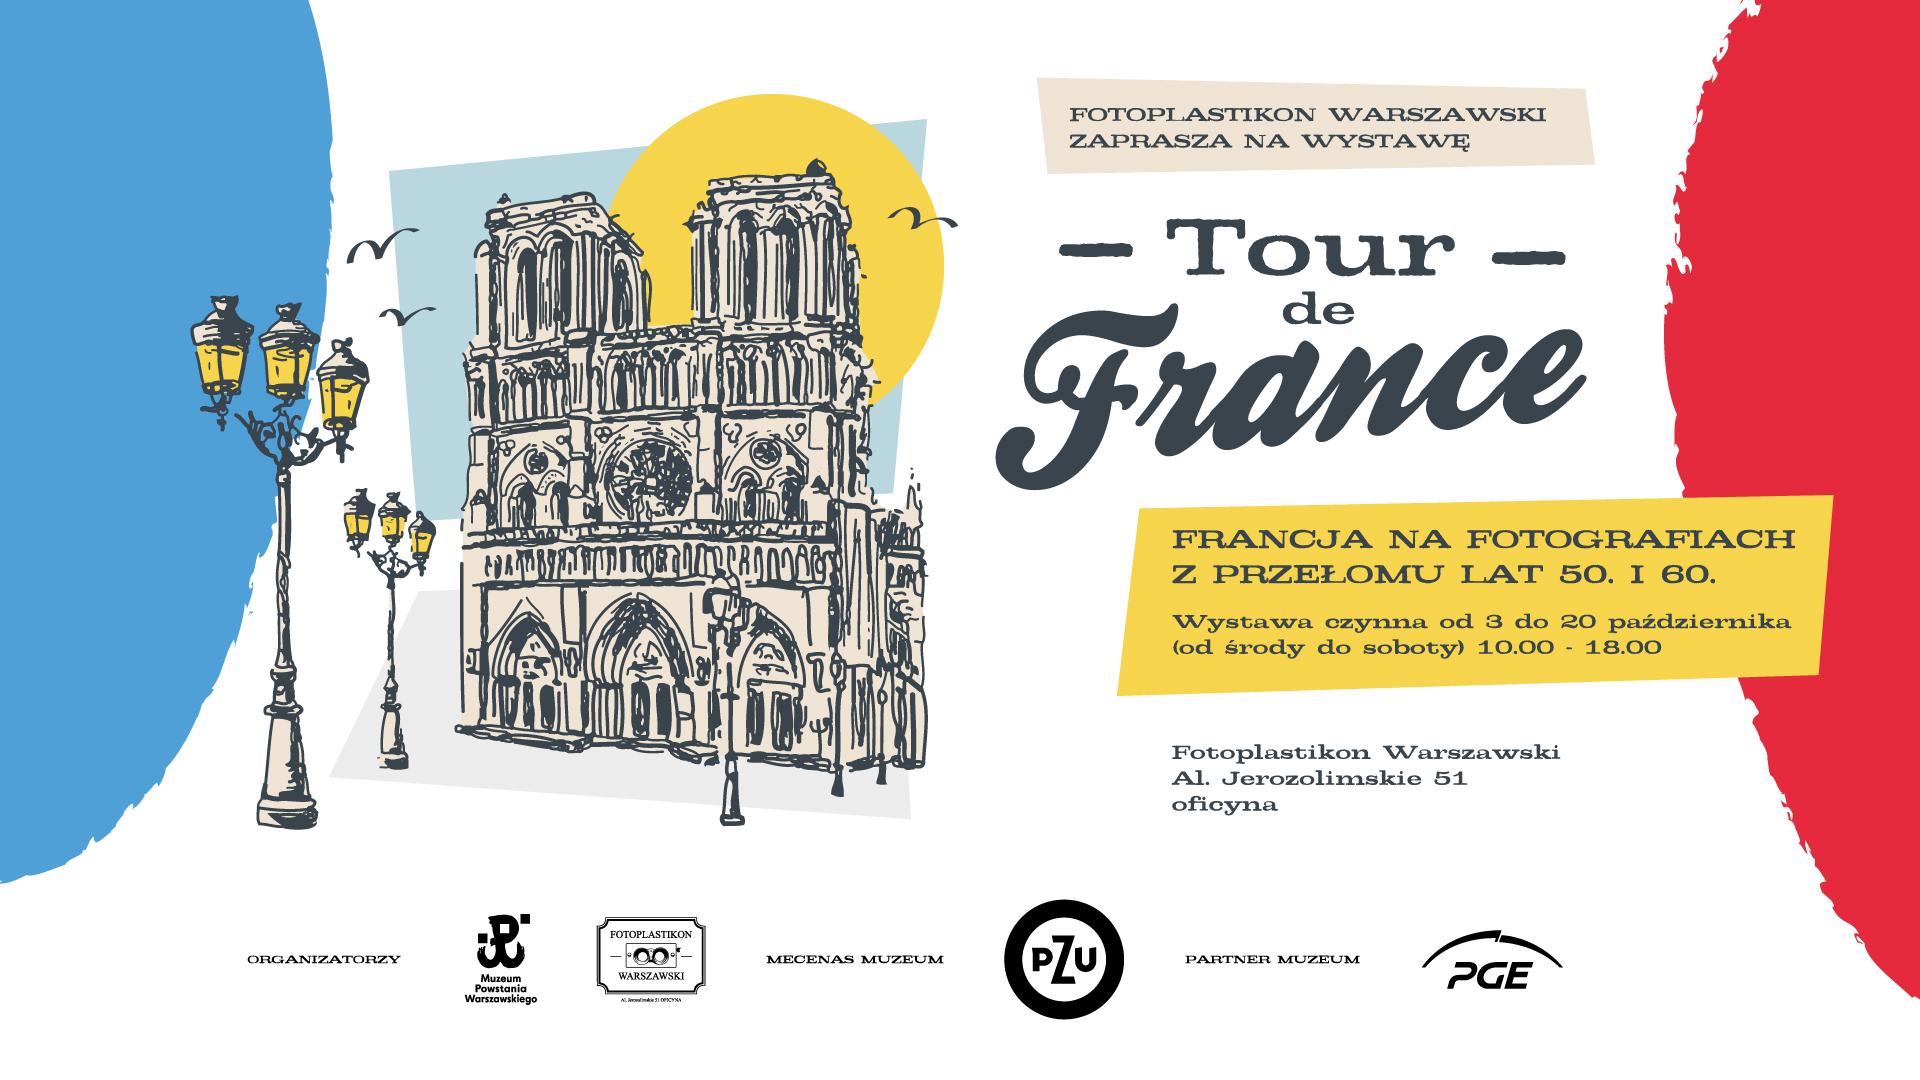 Fotoplastikon-Francja-2018-10-FB-1920x1080